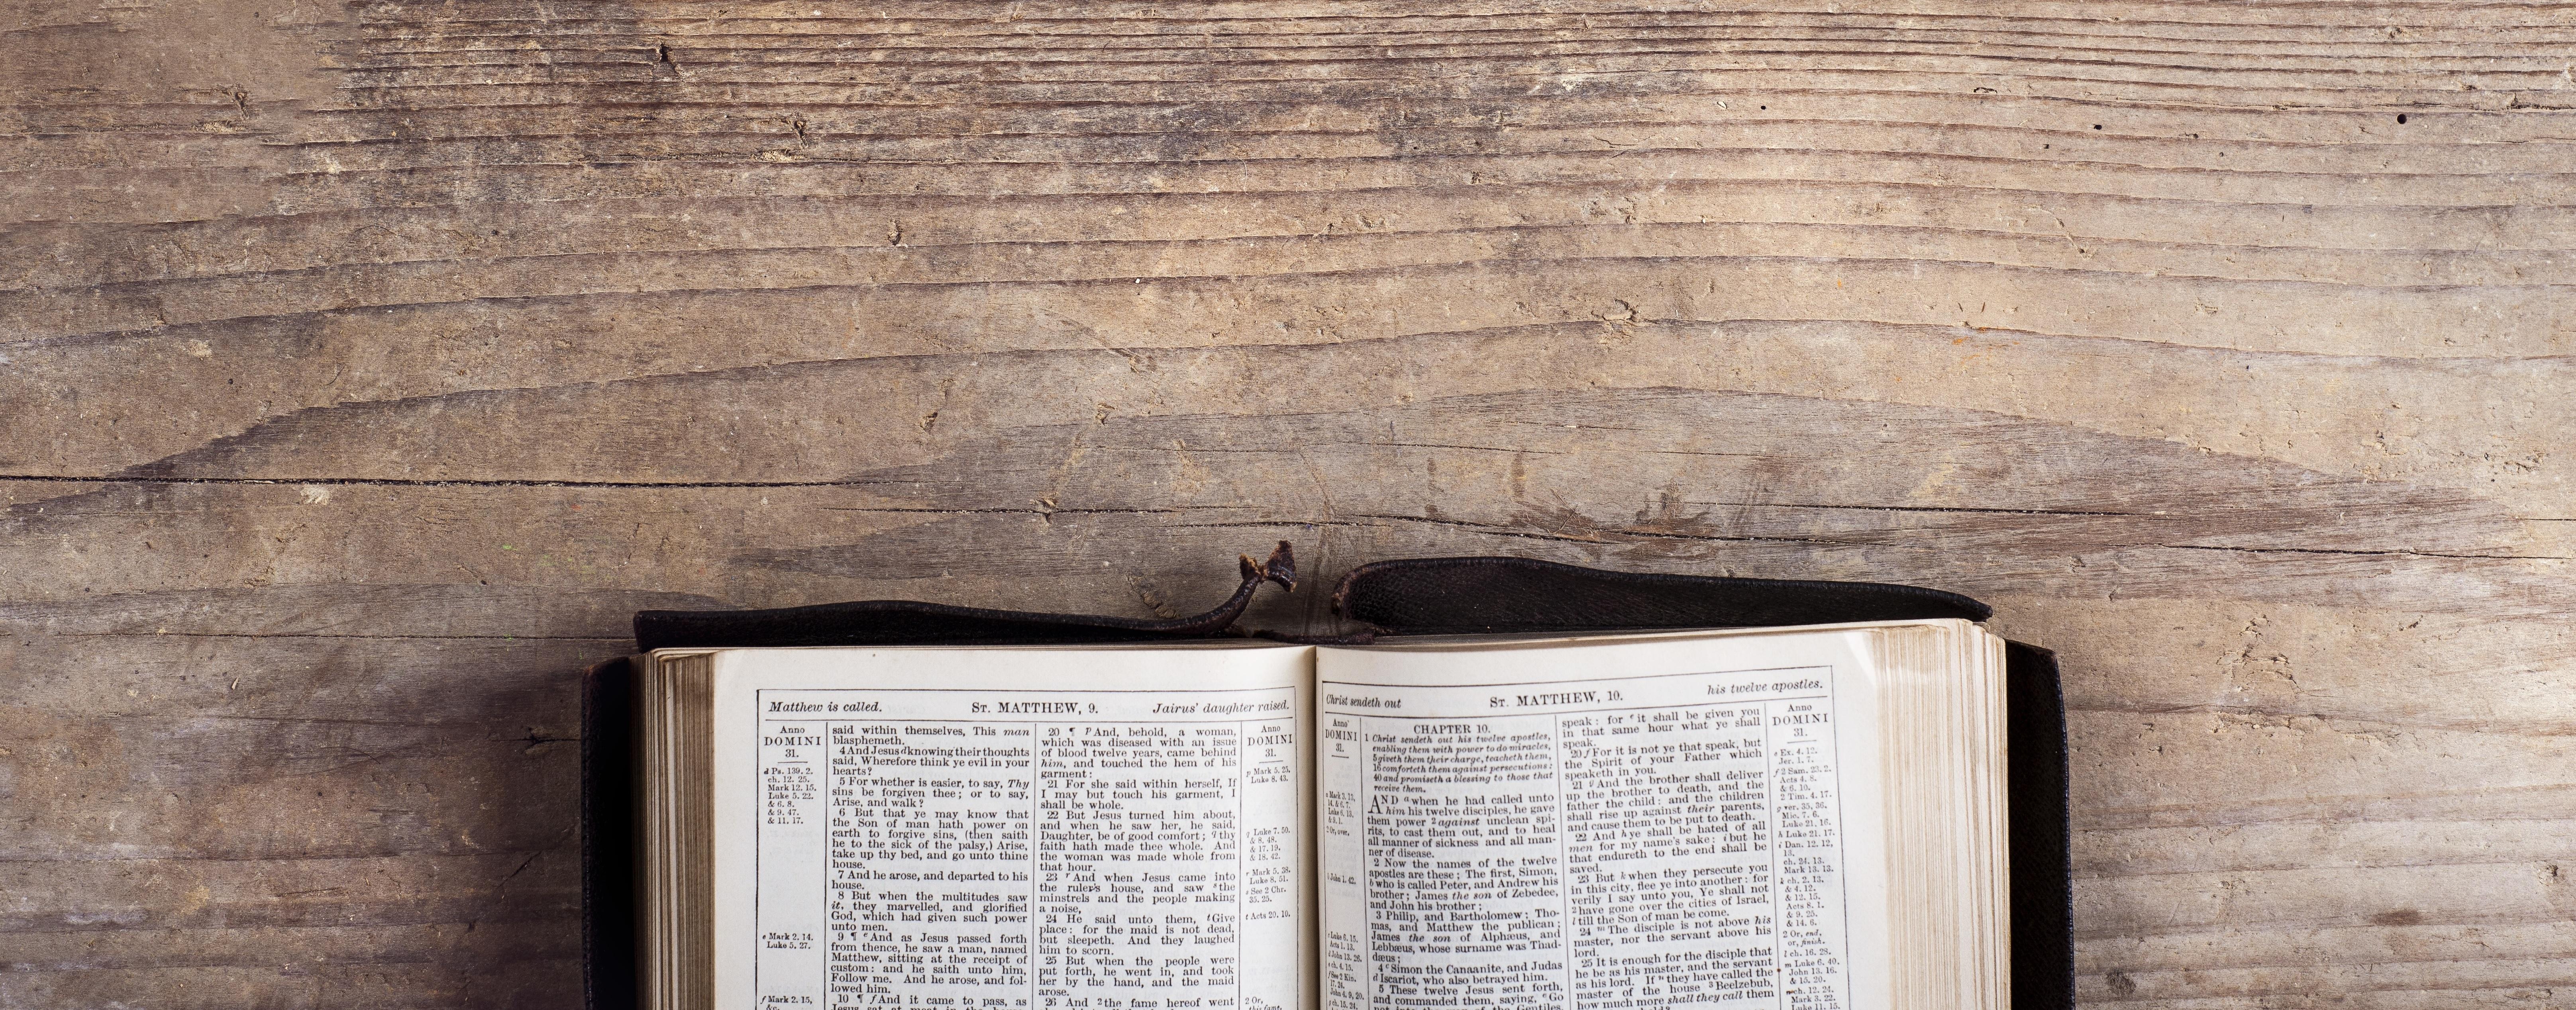 Christliche frauen zu treffen ist schrecklich